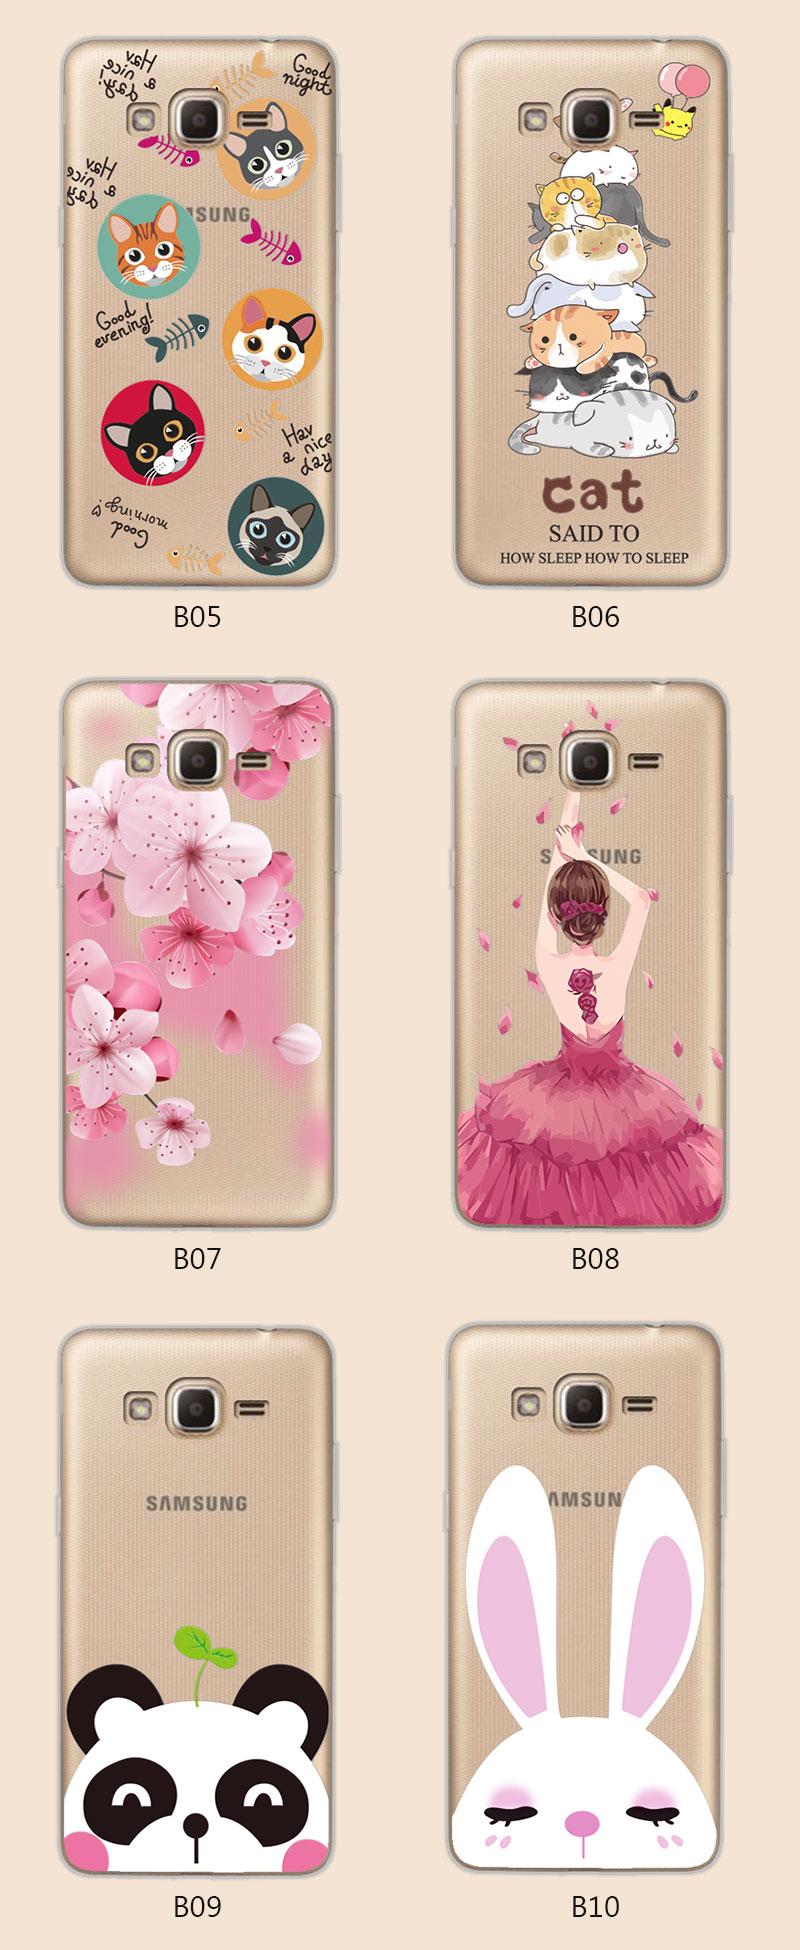 3d Relief Renda Untuk Samsung Galaxy J2 Prime Lucu Tanaman Bunga Softcase Silicon Kartun Mungil Case Penutup Sm G532f 50 Htb1lyplgvxxxxbbxxxxq6xxfxxx2